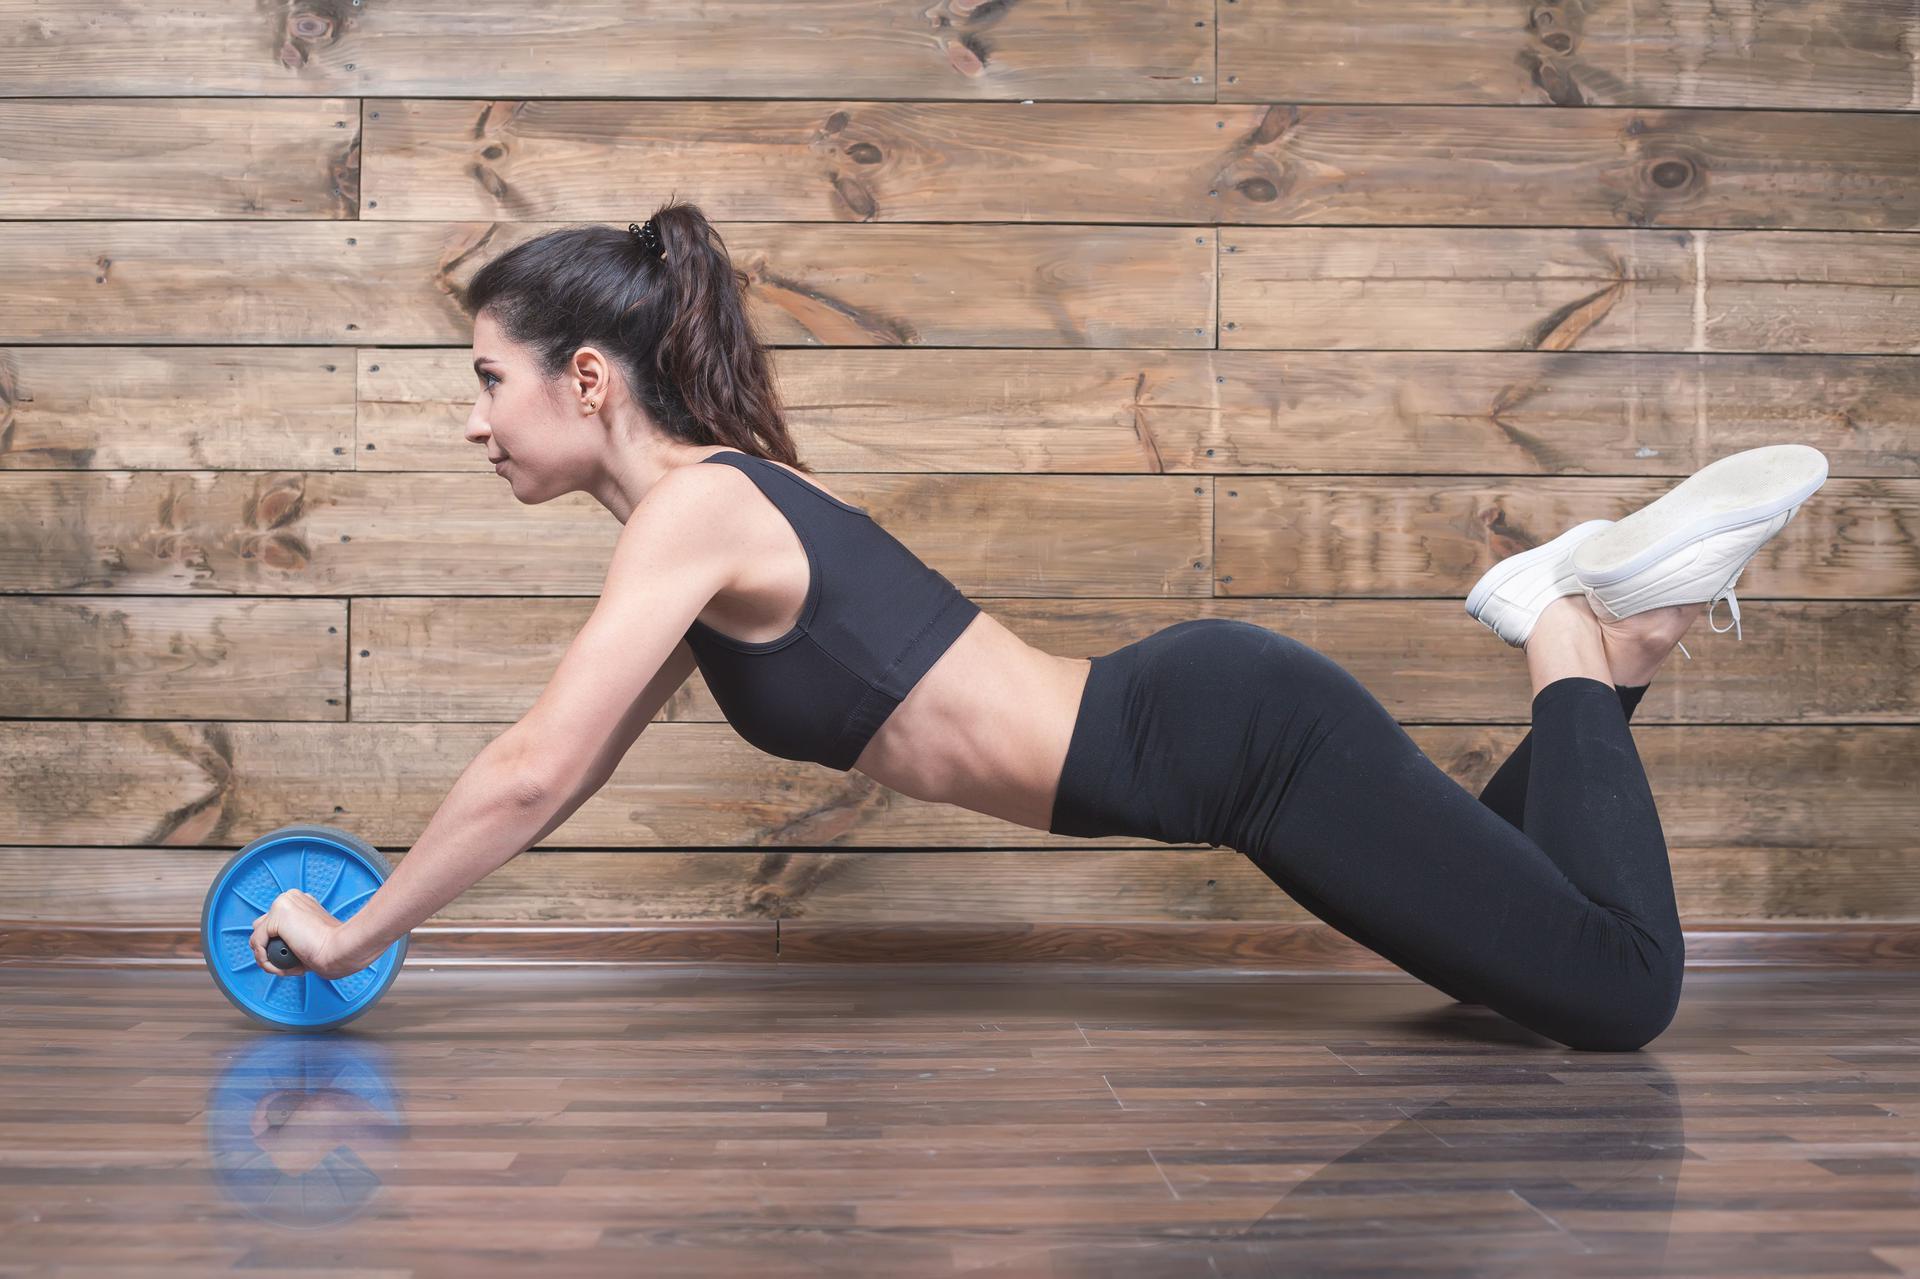 e5780e88 Kółko do ćwiczeń mięśni brzucha - jak go używać i jakie daje efekty? -  WFormie24.pl